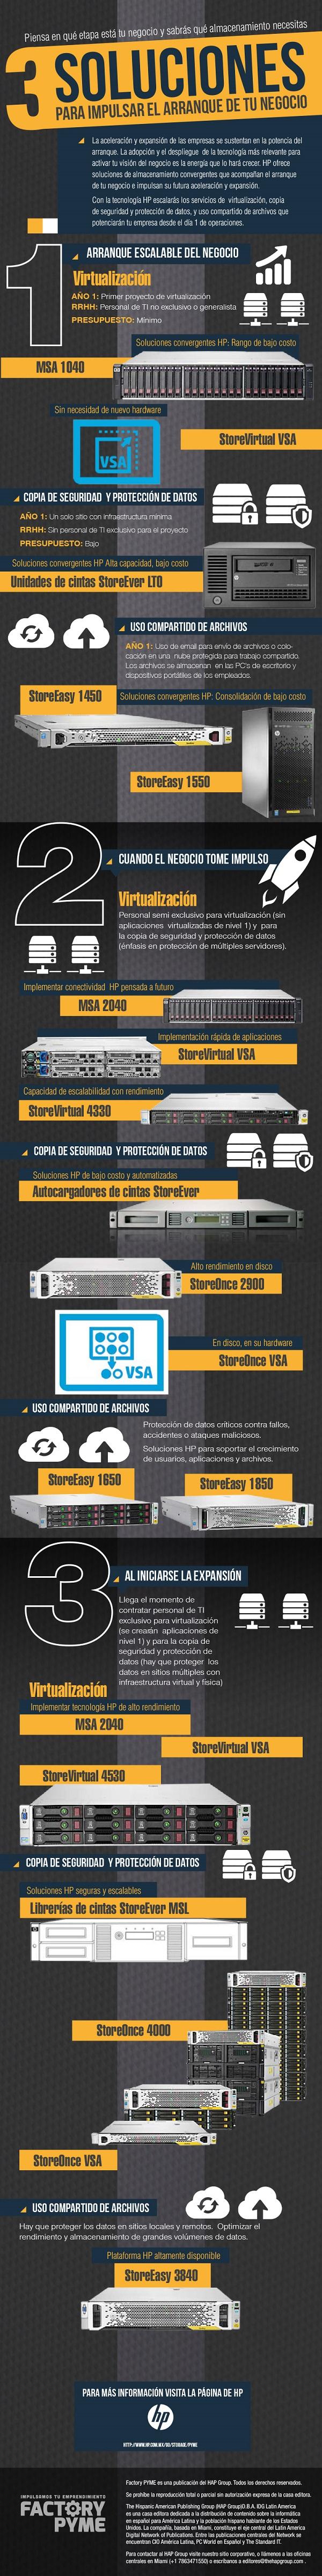 3Soluciones 8-10-2015 RevAMv2